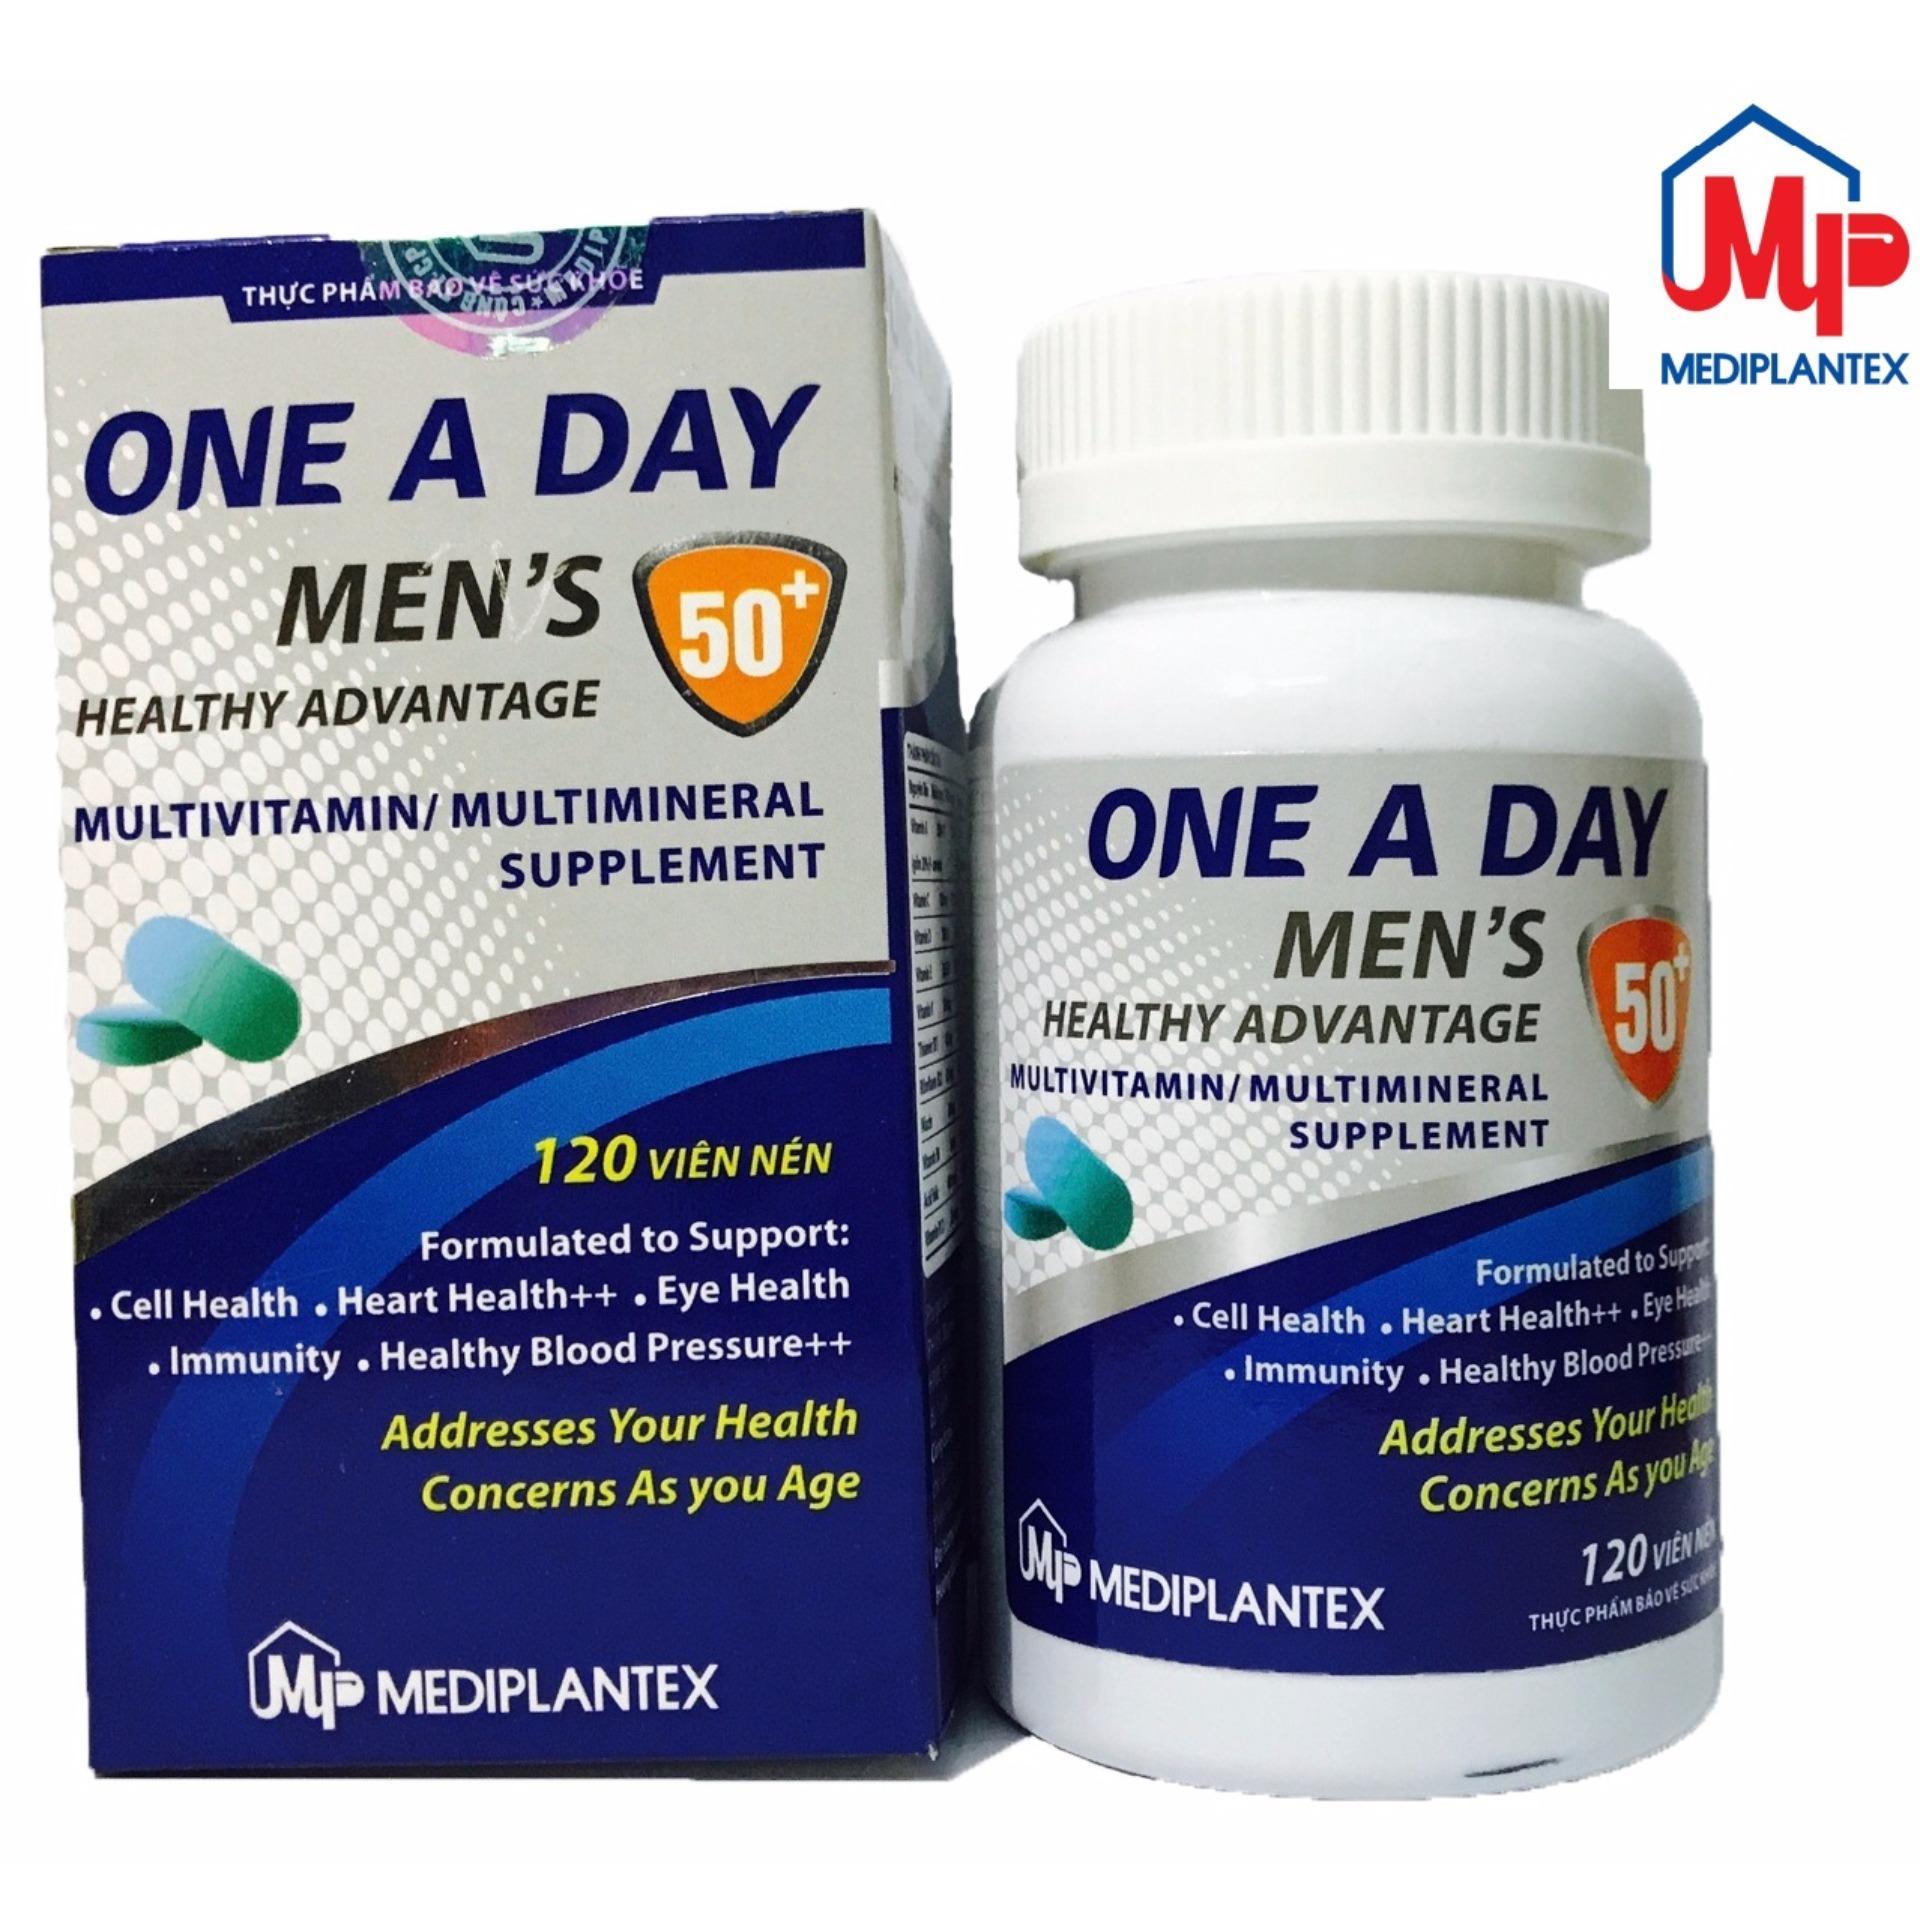 Viên uống bổ xung vitamin tăng cường sức khỏe Nam Giới ONE A DAY MEN